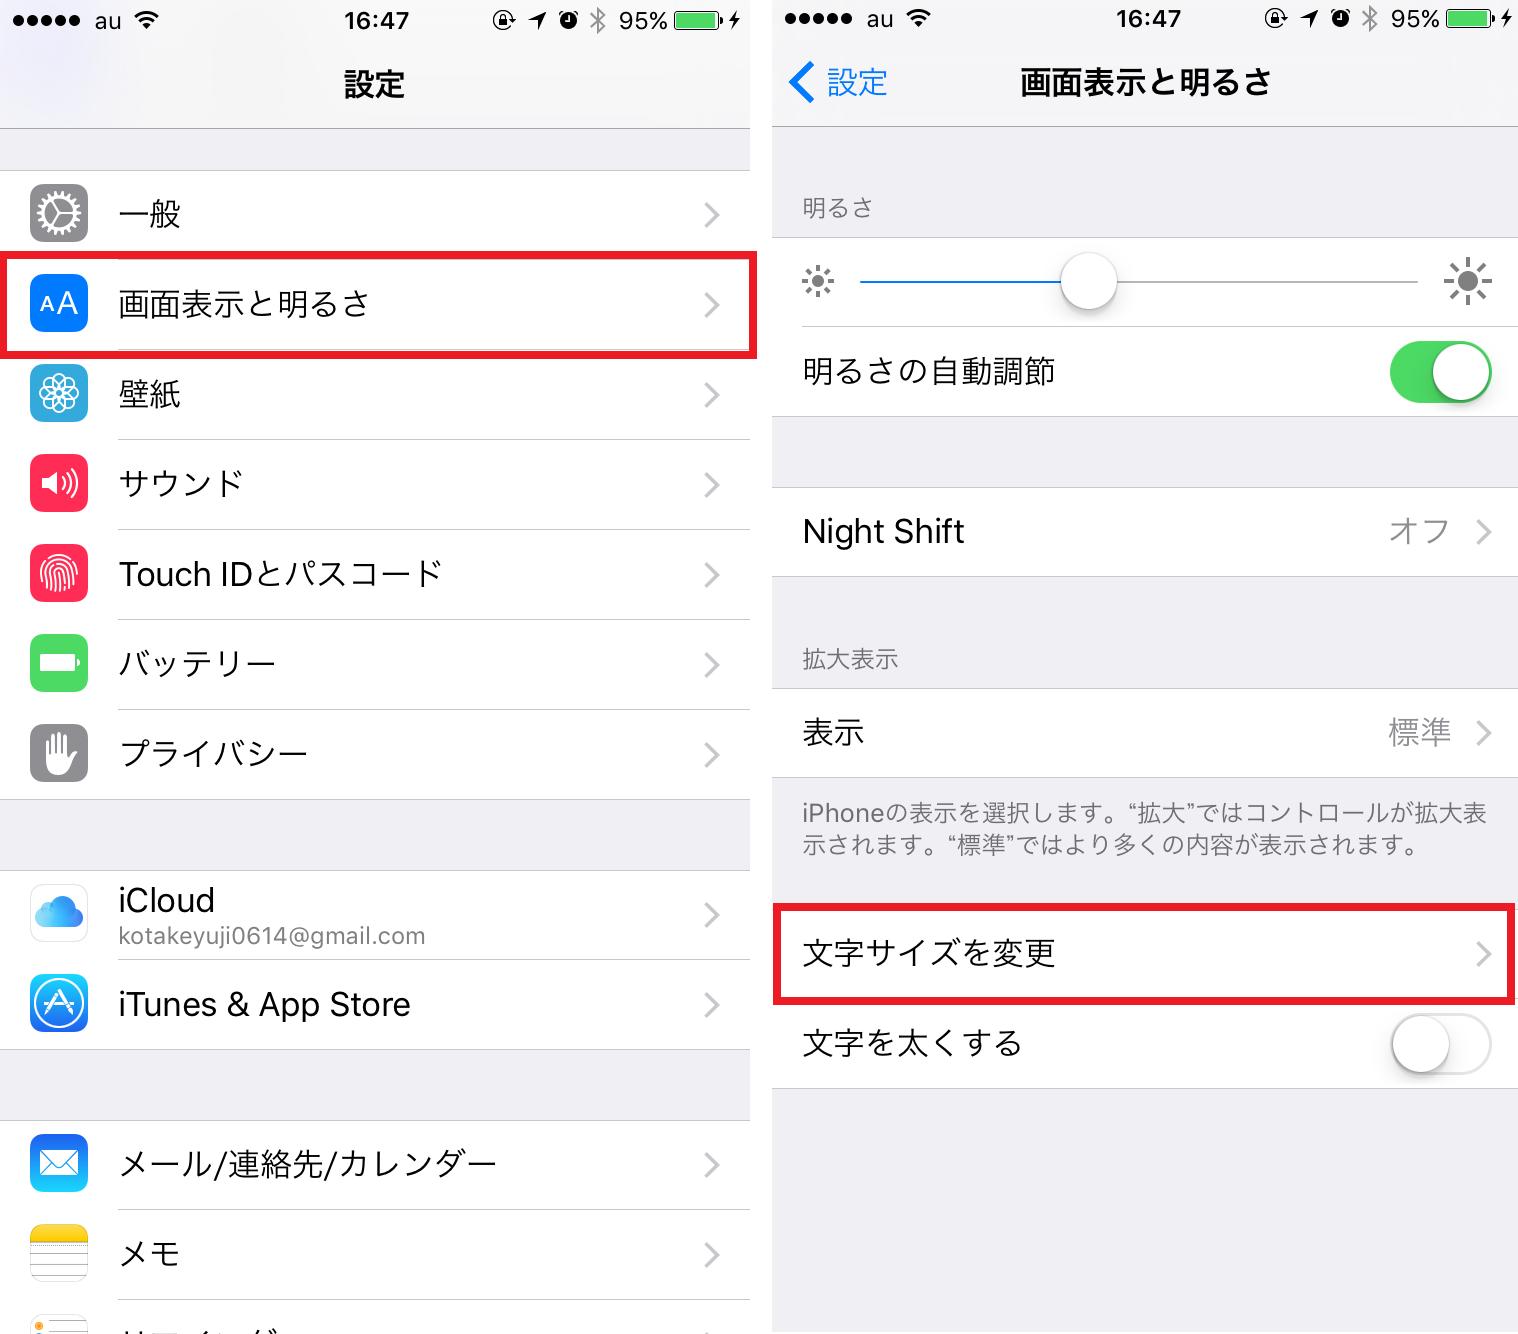 サイズ iphone 変更 写真 iPhoneで撮った写真サイズの変更方法